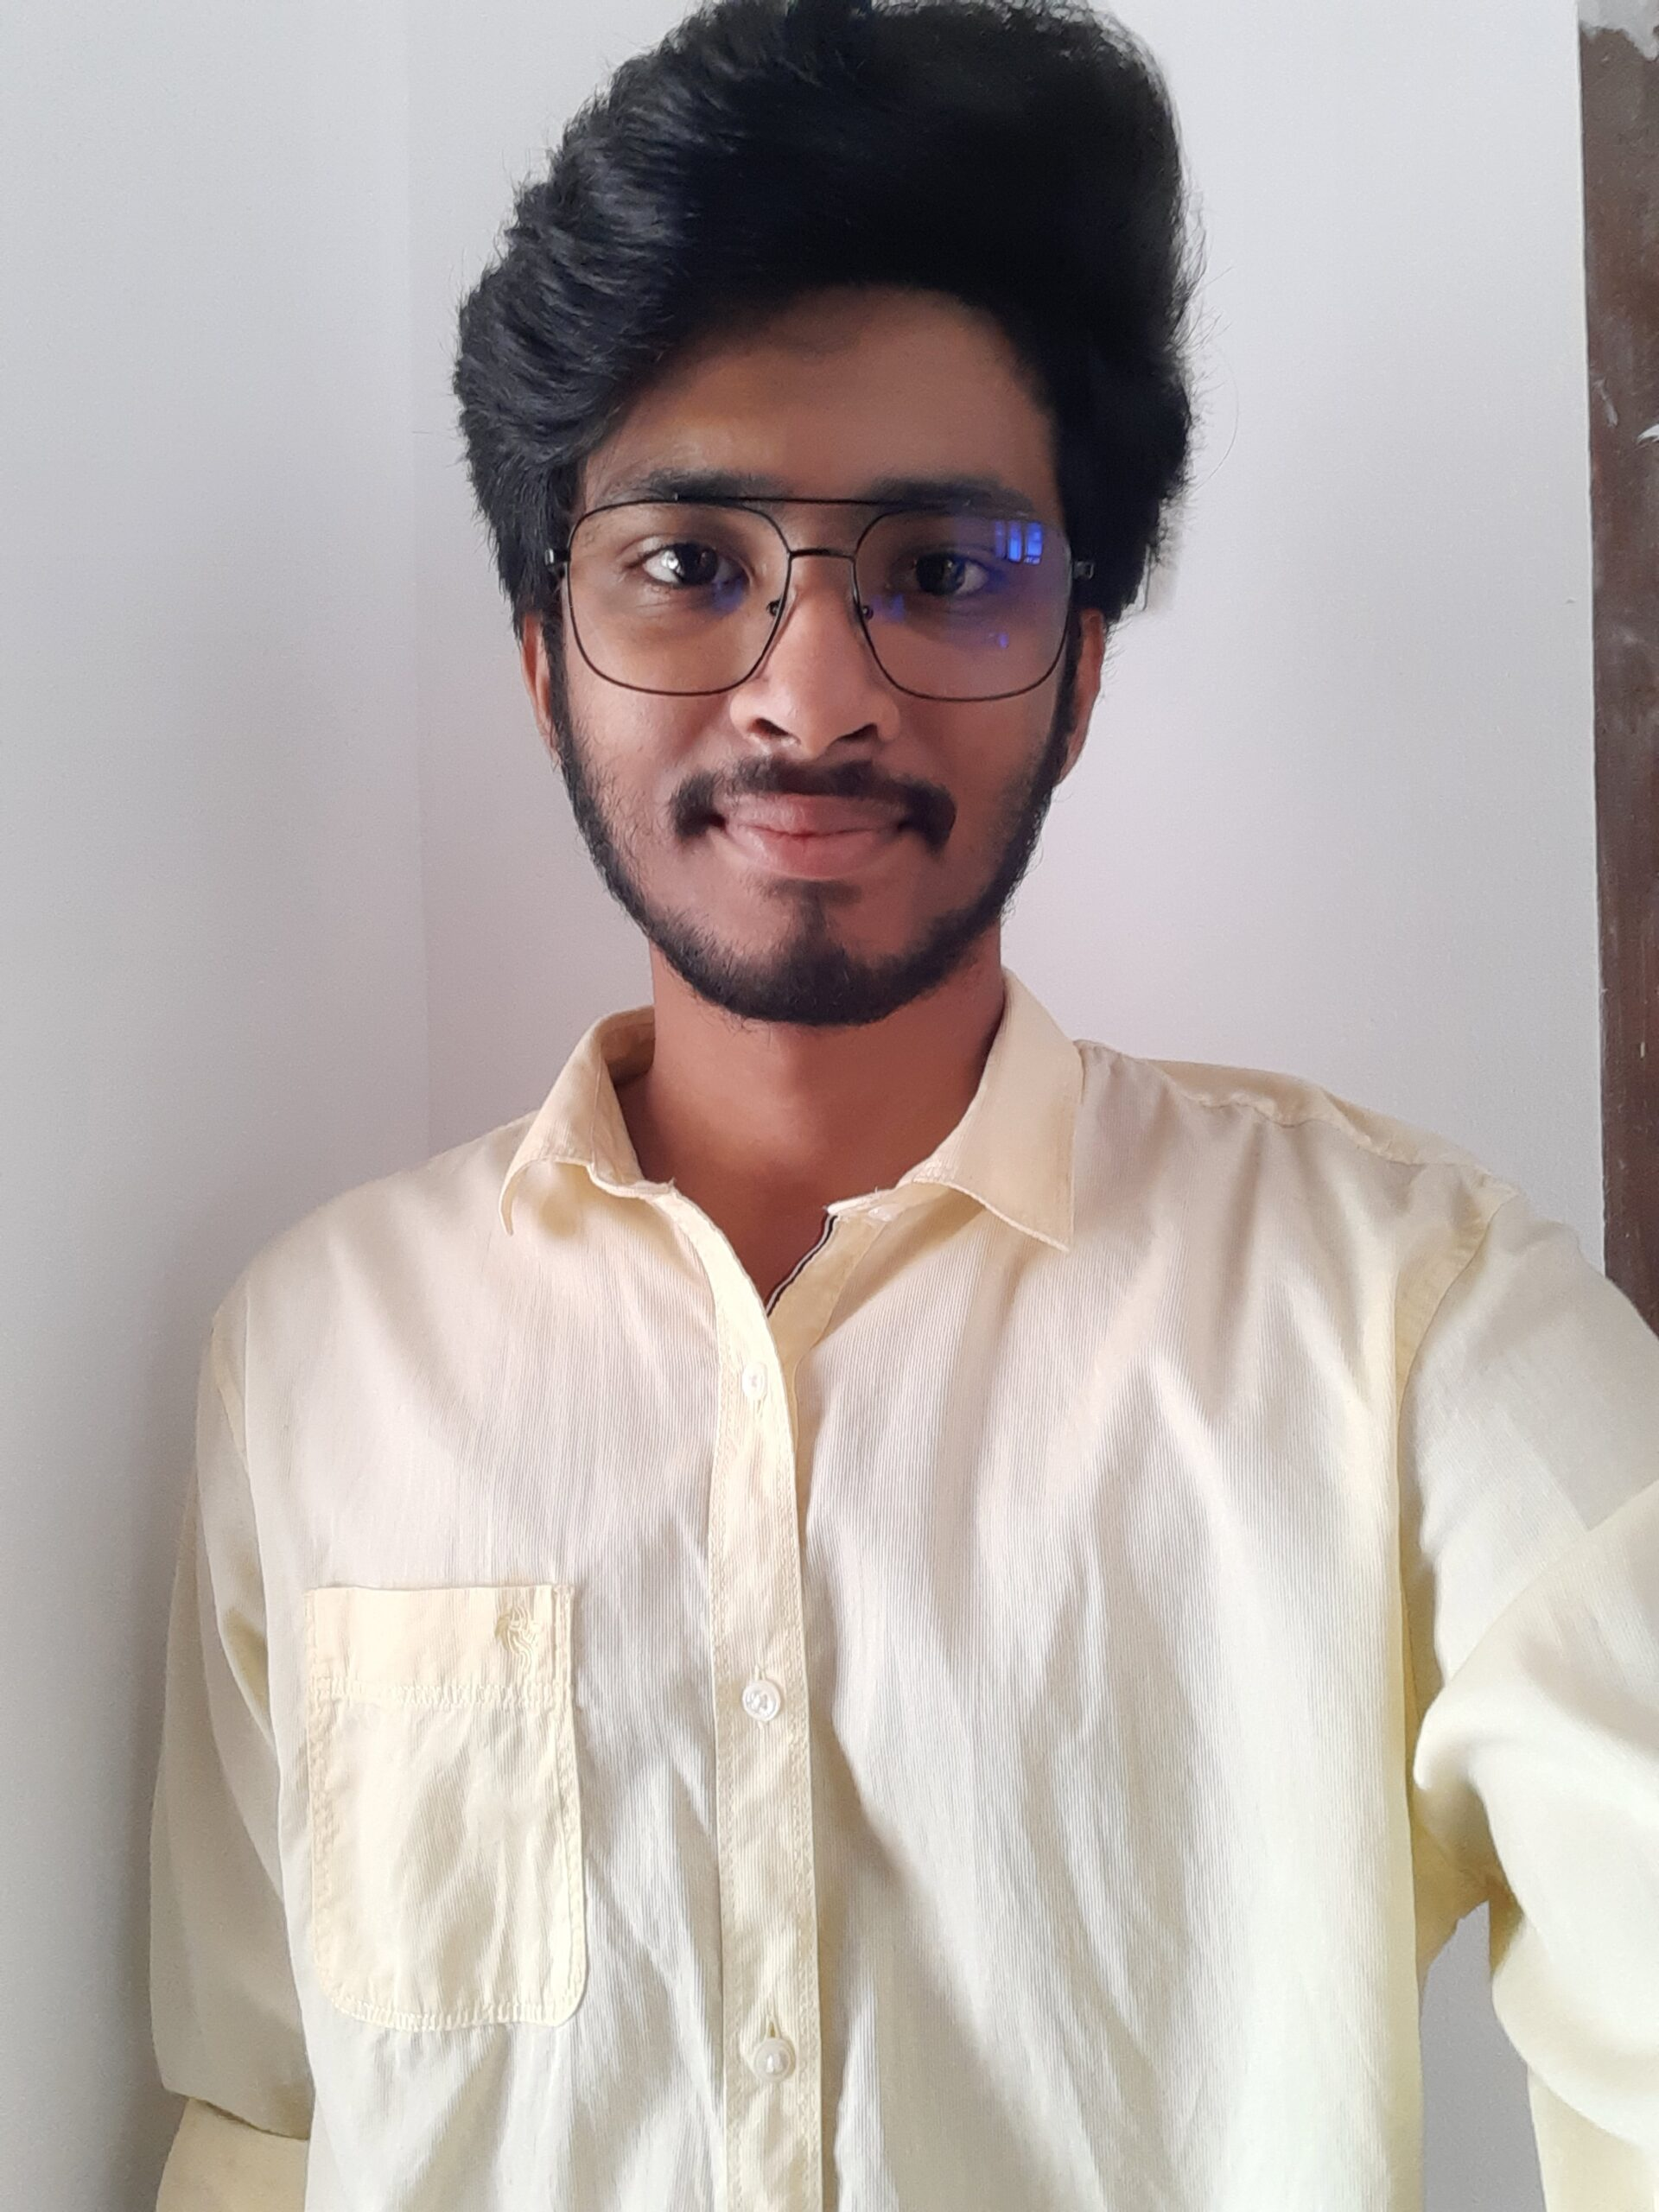 Client Photo